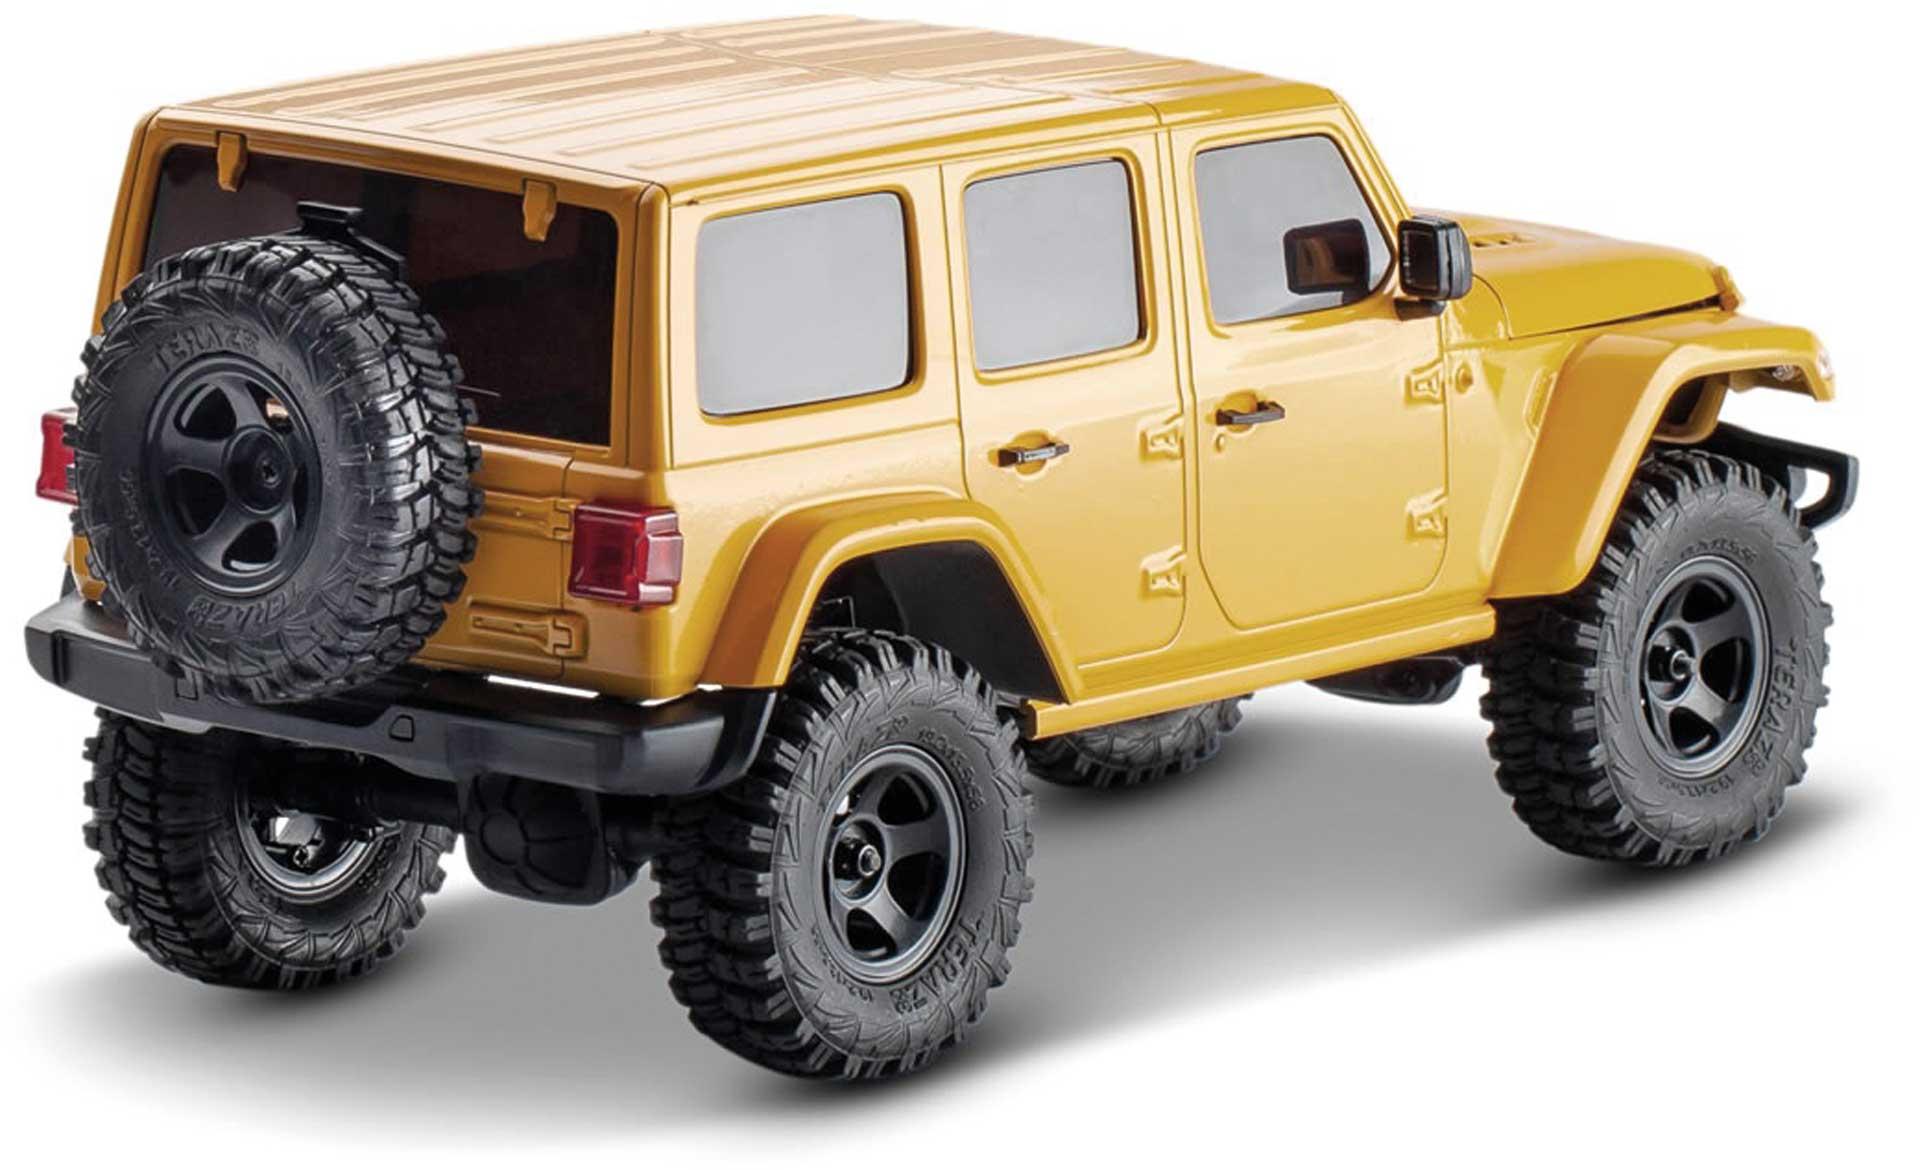 EAZY RC Arizona 1/18 4WD - Crawler RTR 2.4GHz